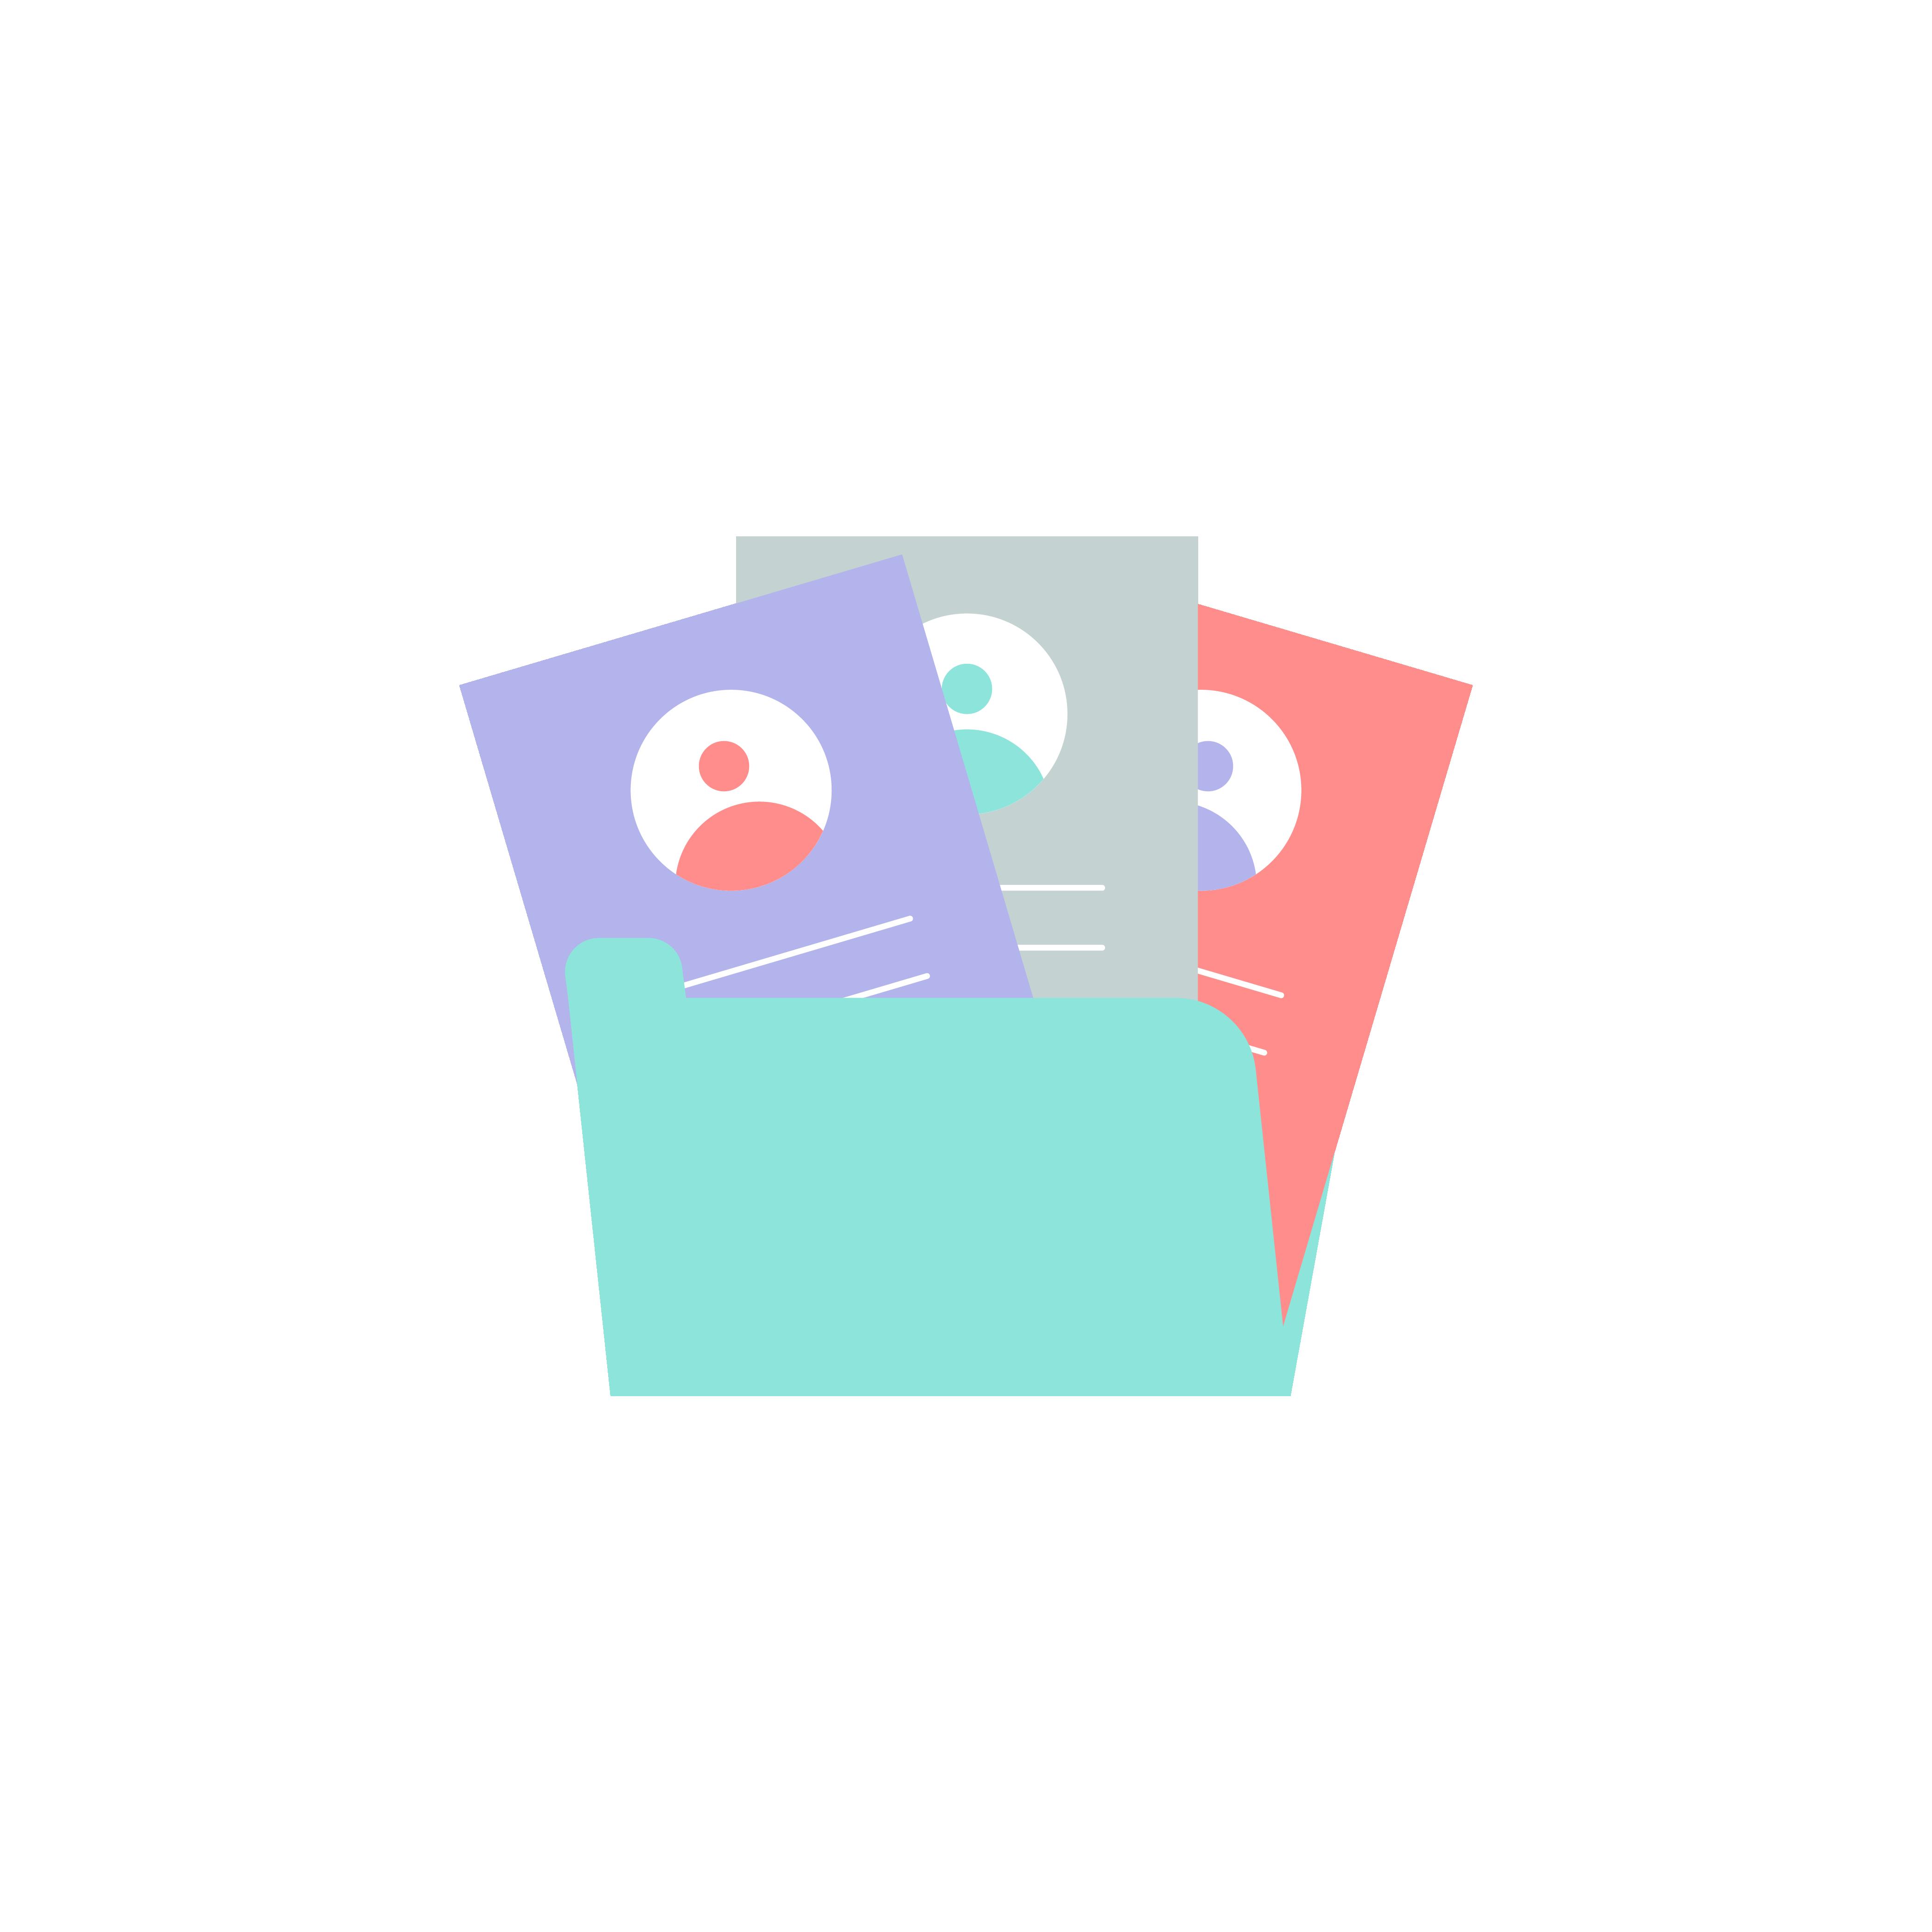 Weployee Profile Folder - Weploy Illustrations 2020